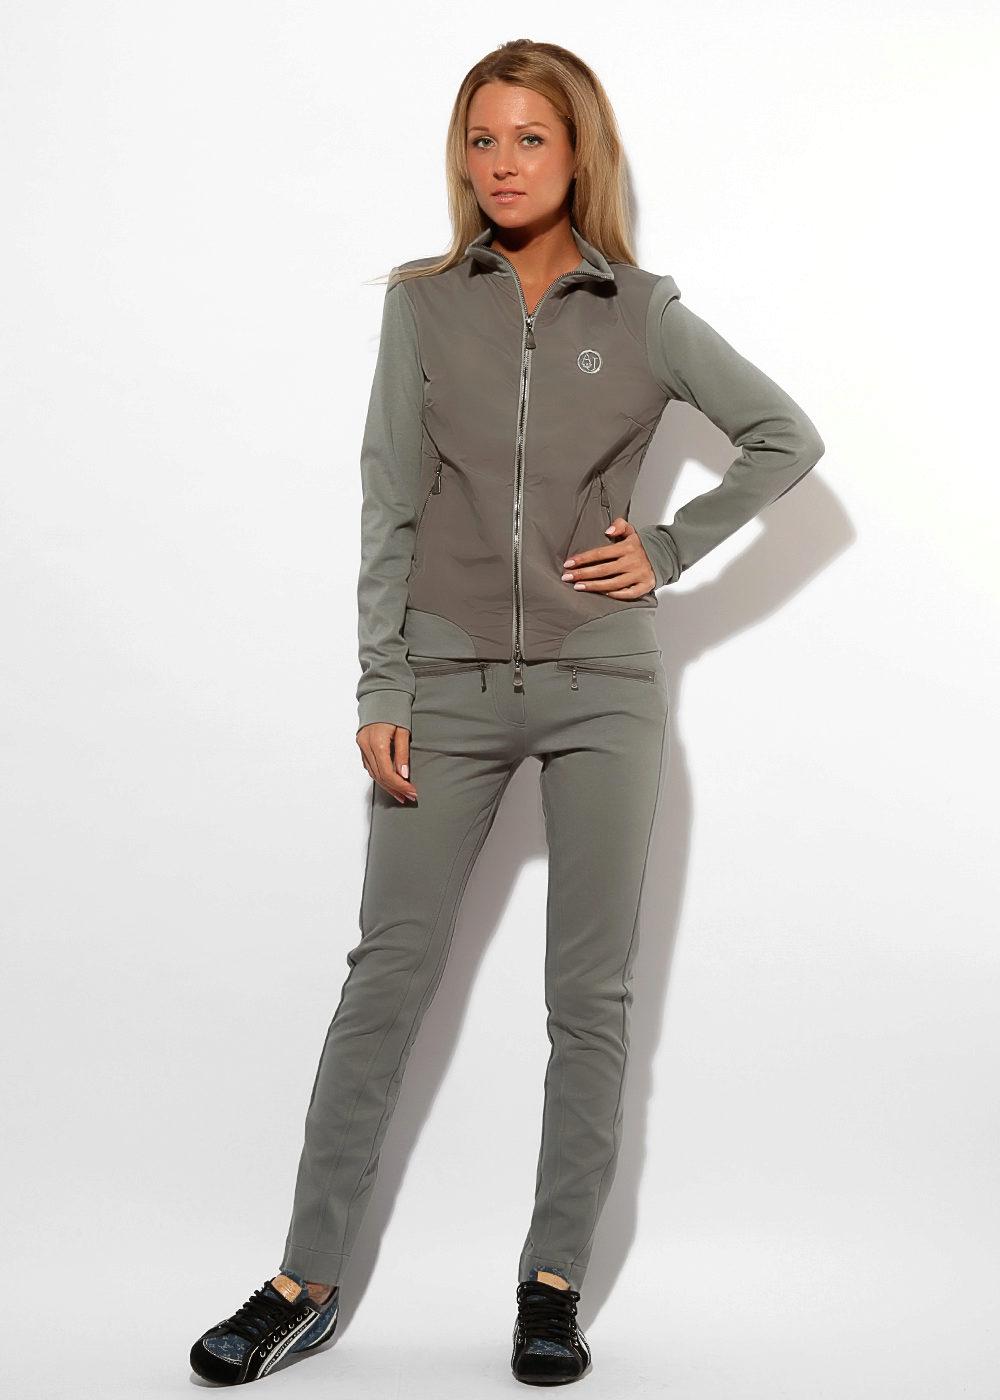 8b6ab6e868c0 Модный дом Armani наглядно доказал, что женщины могут выглядеть в спортивном  костюме стильно и сексуально.